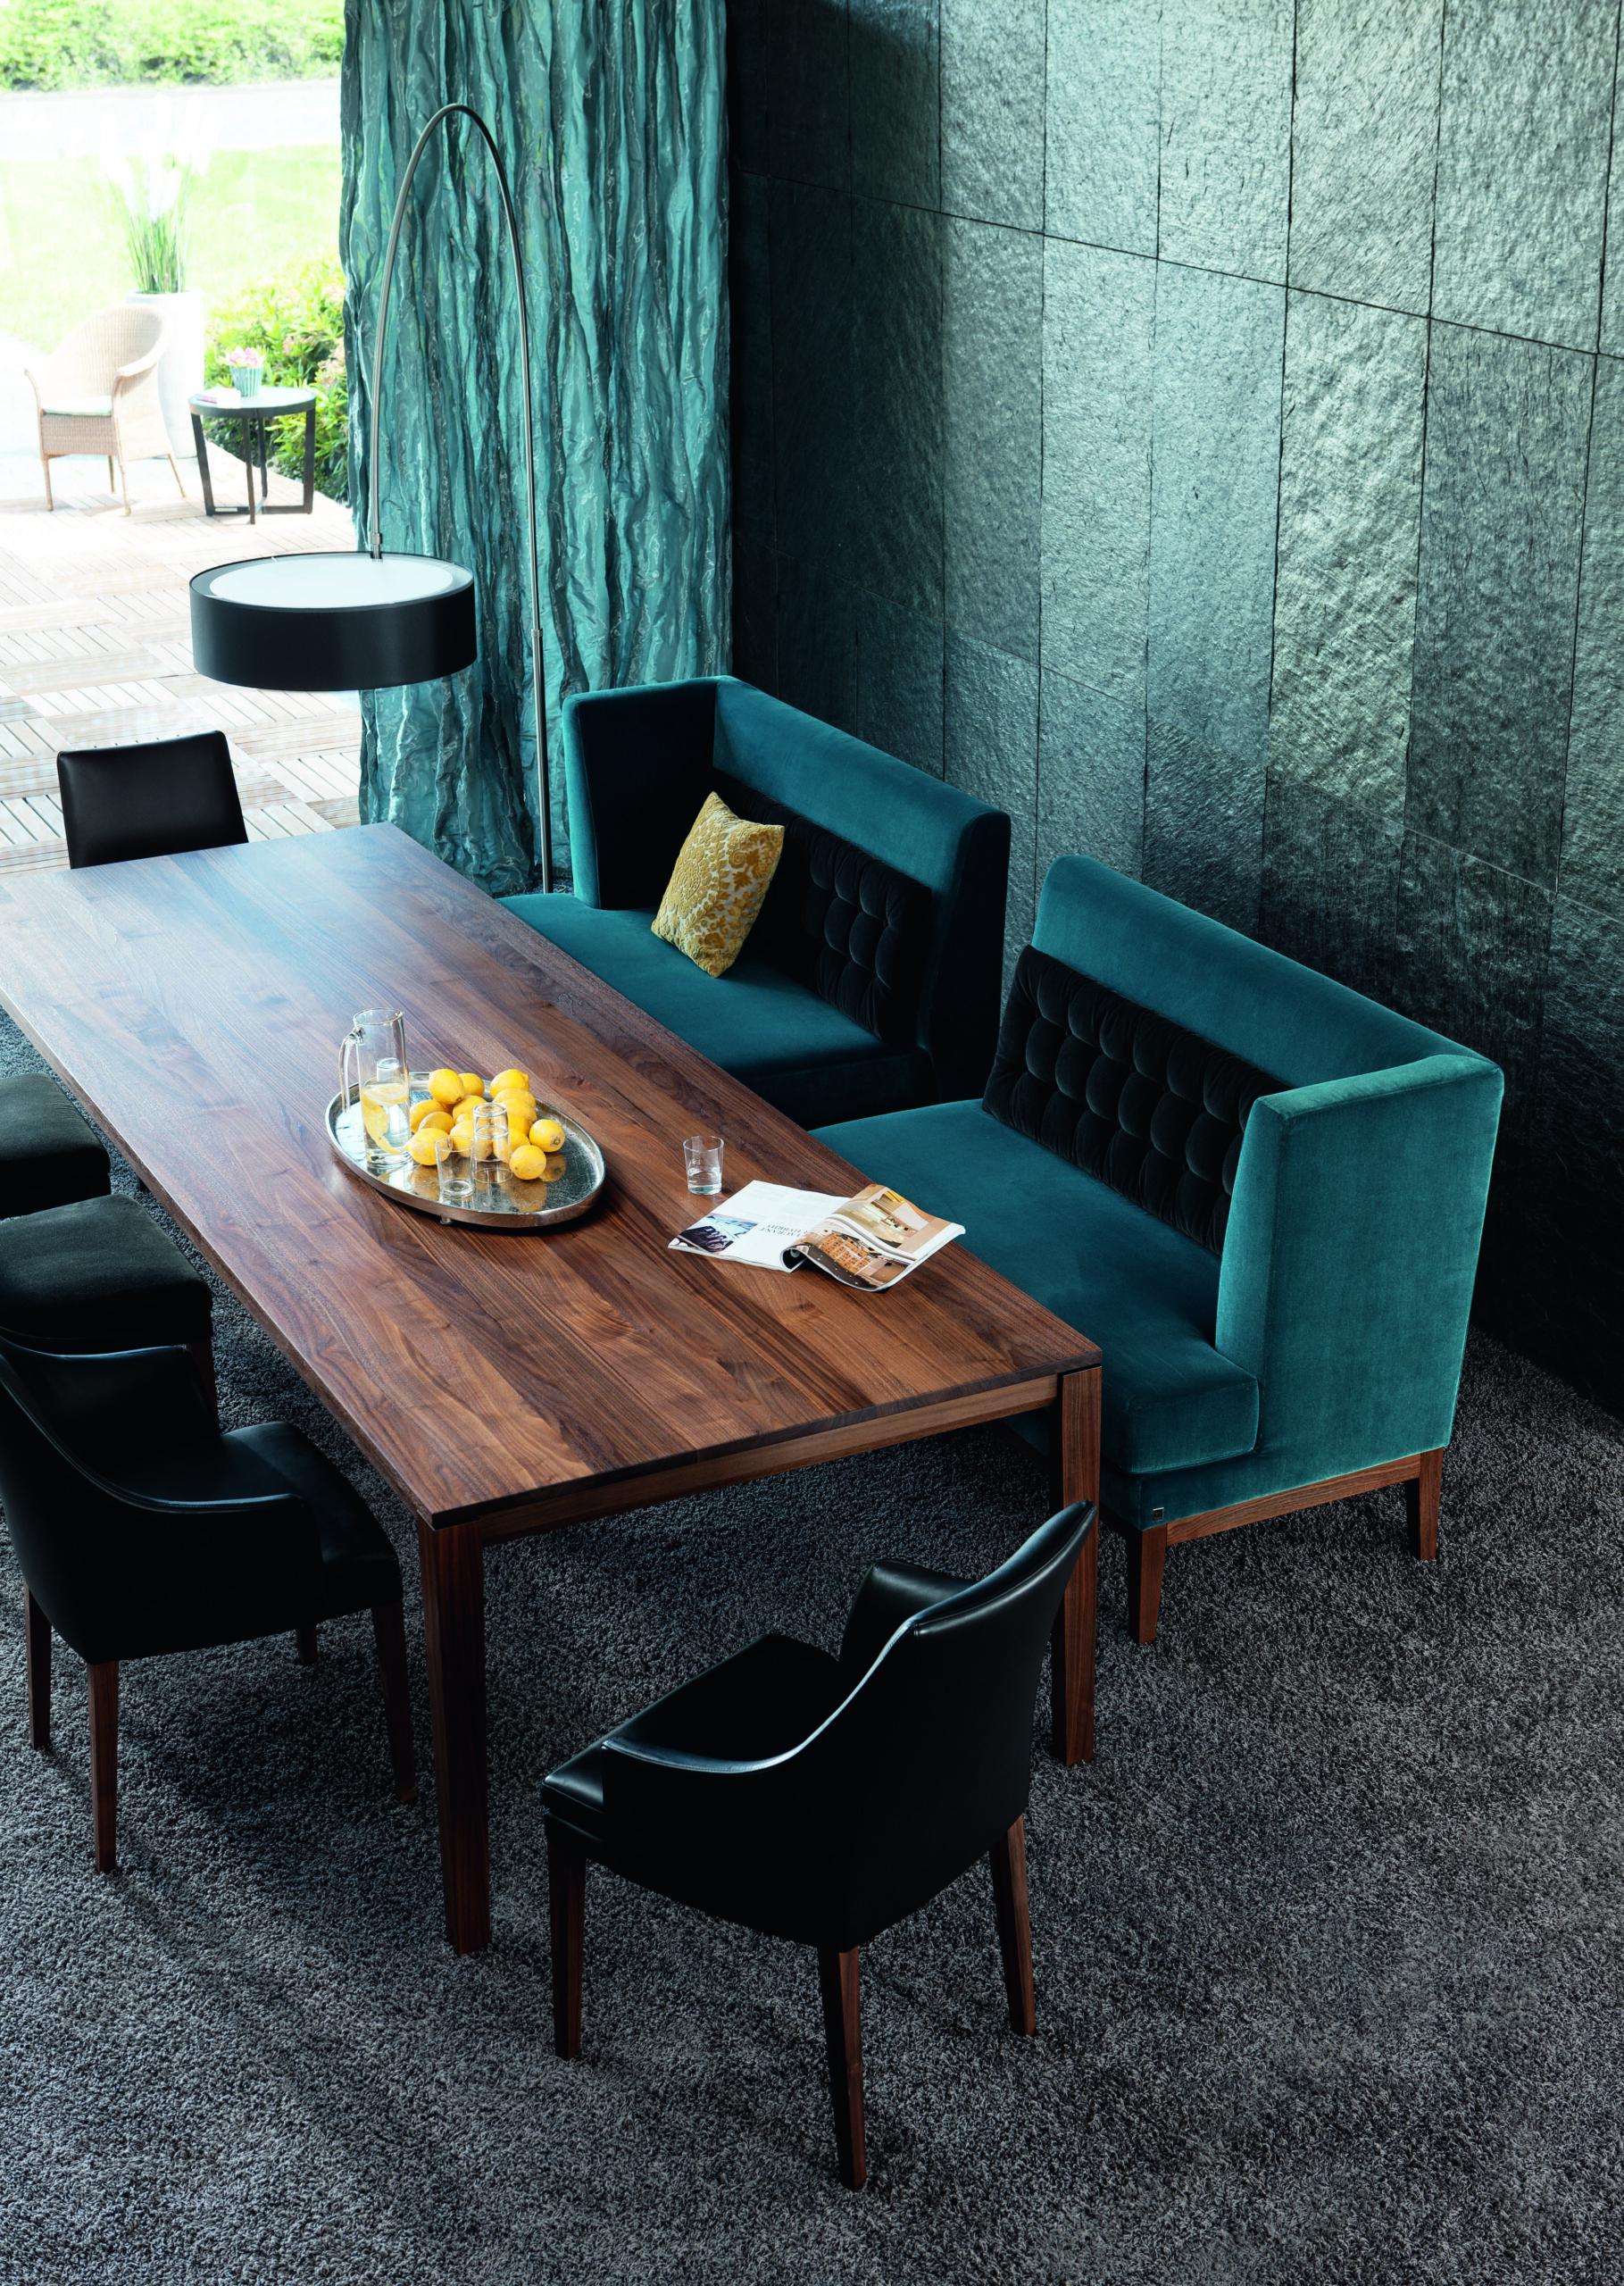 Full Size of Esszimmer Couch Grau Sofa Samt Sofabank Leder Vintage 3 Sitzer Landhausstil Ikea Modern Hussen Bezug Breit überzug Für L Mit Schlaffunktion Grün Sofa Esszimmer Sofa